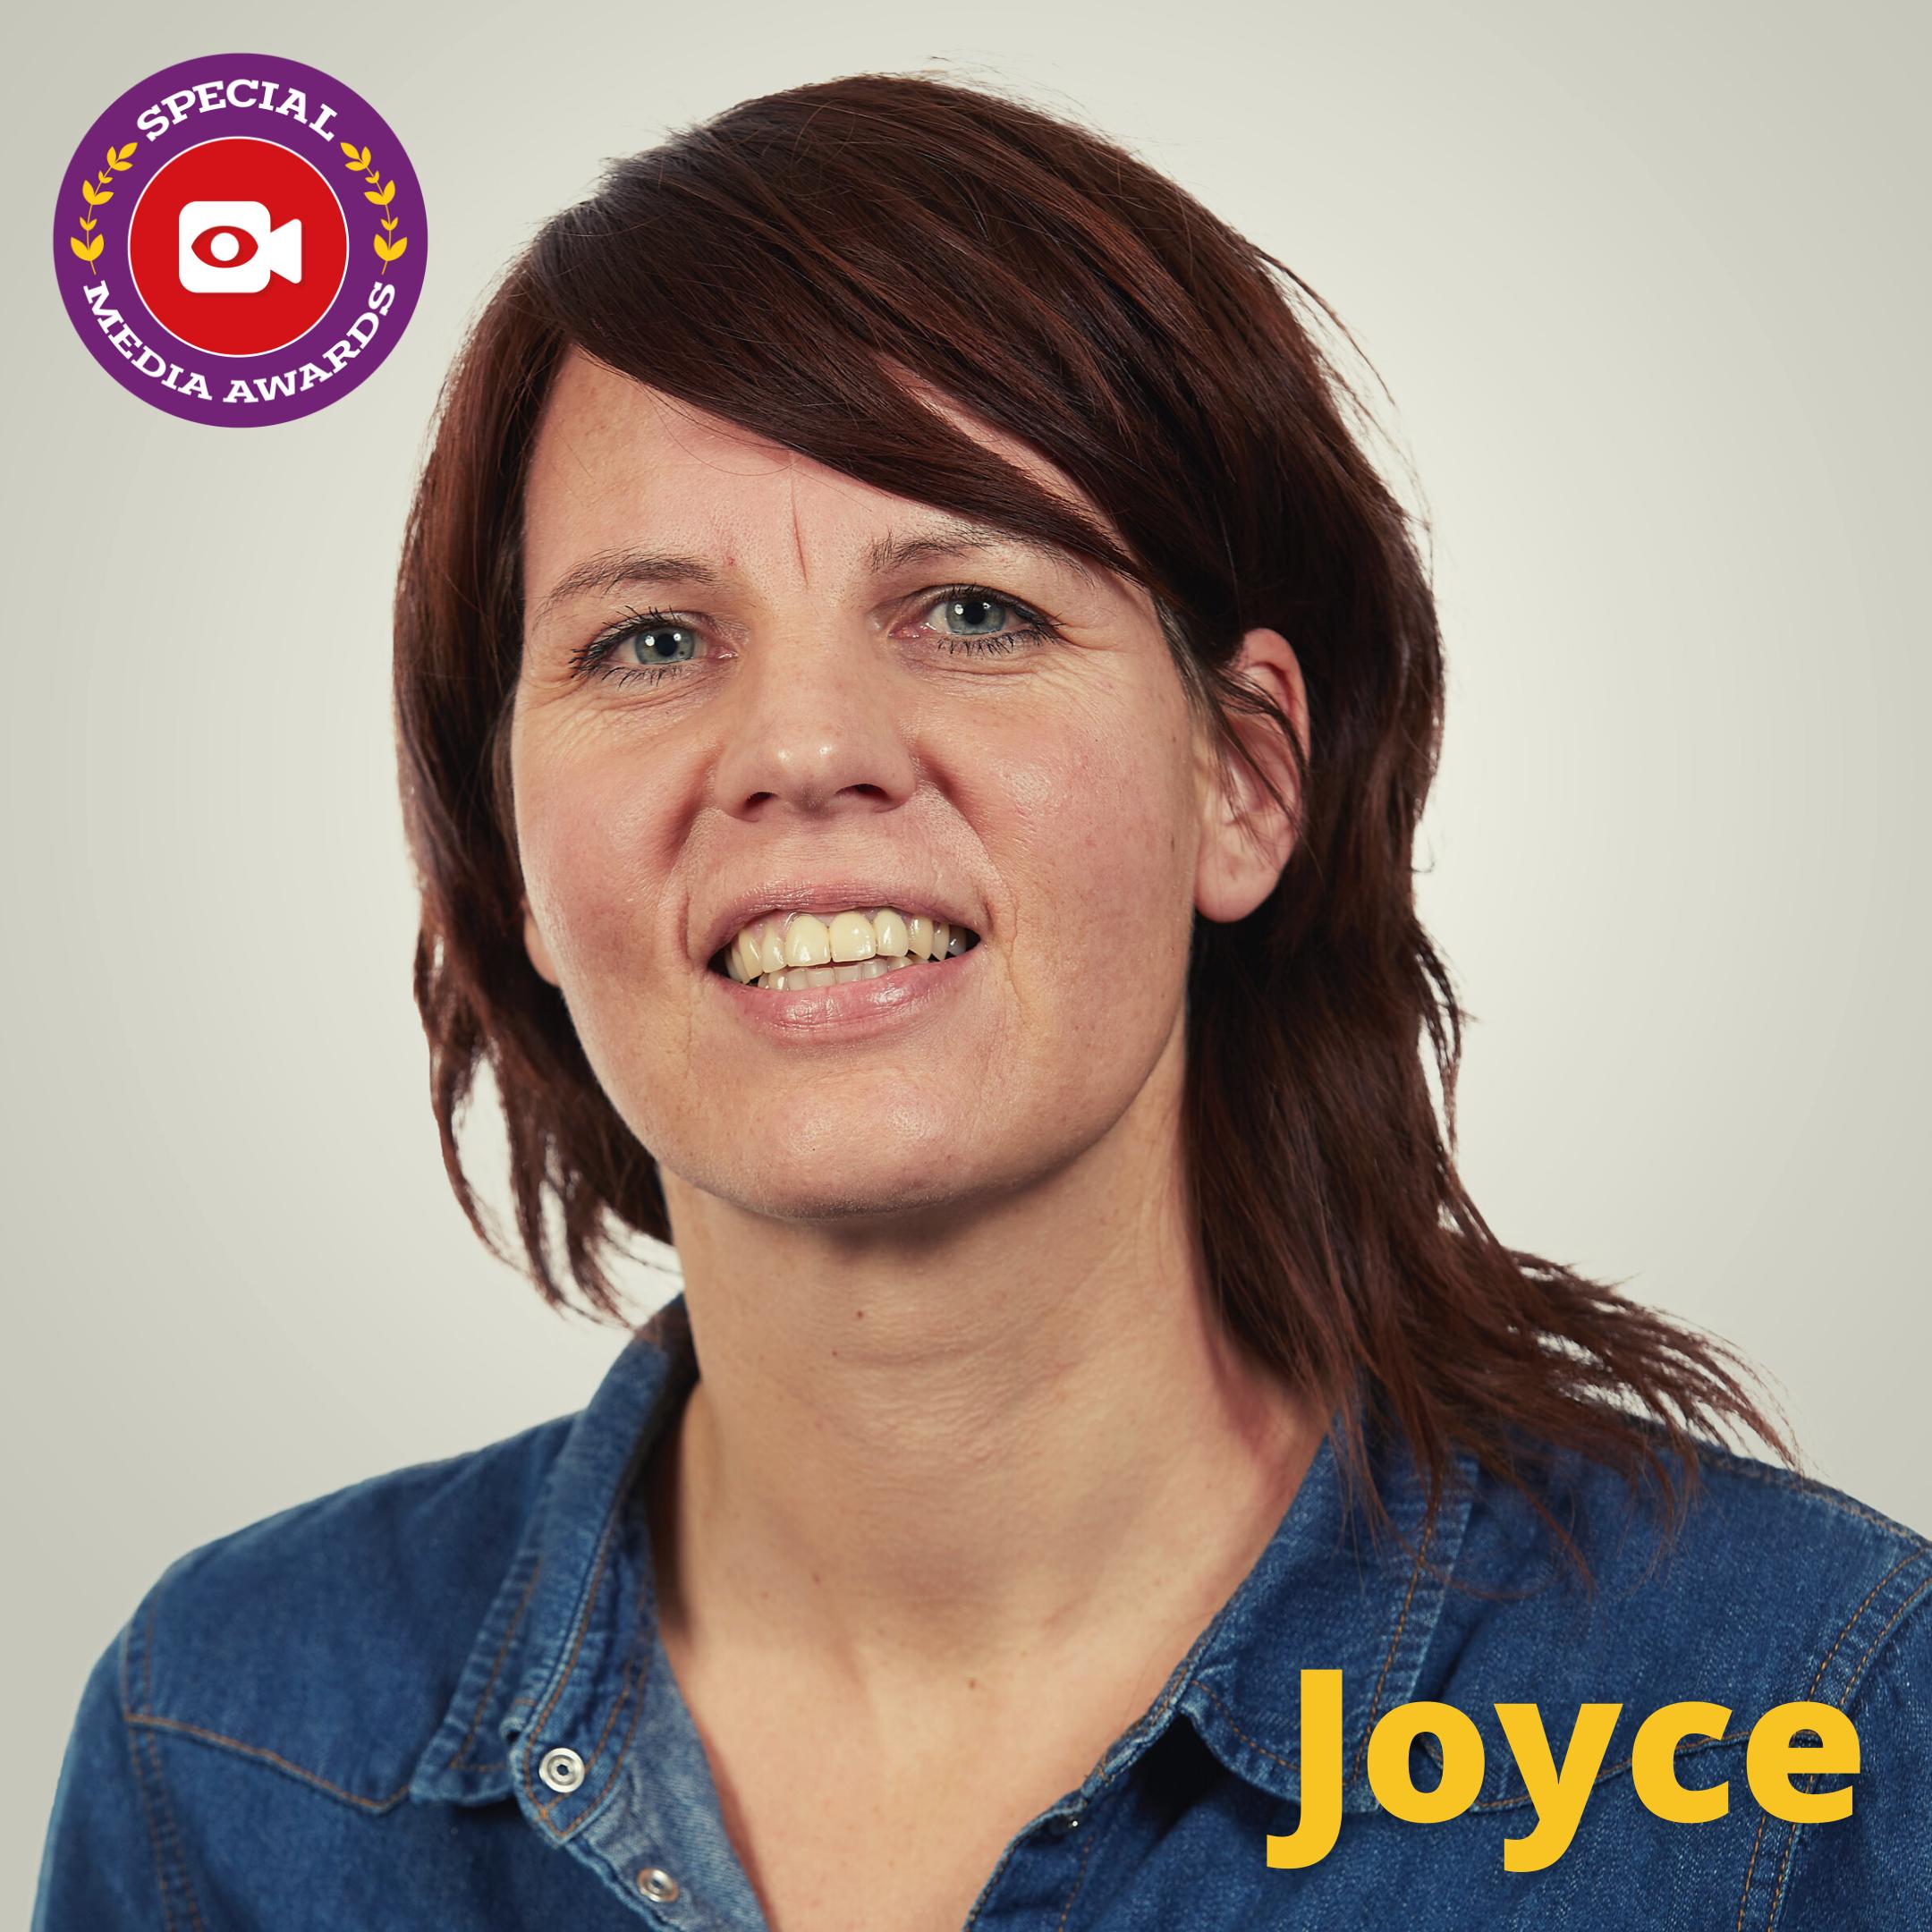 Joyce Graafhuis